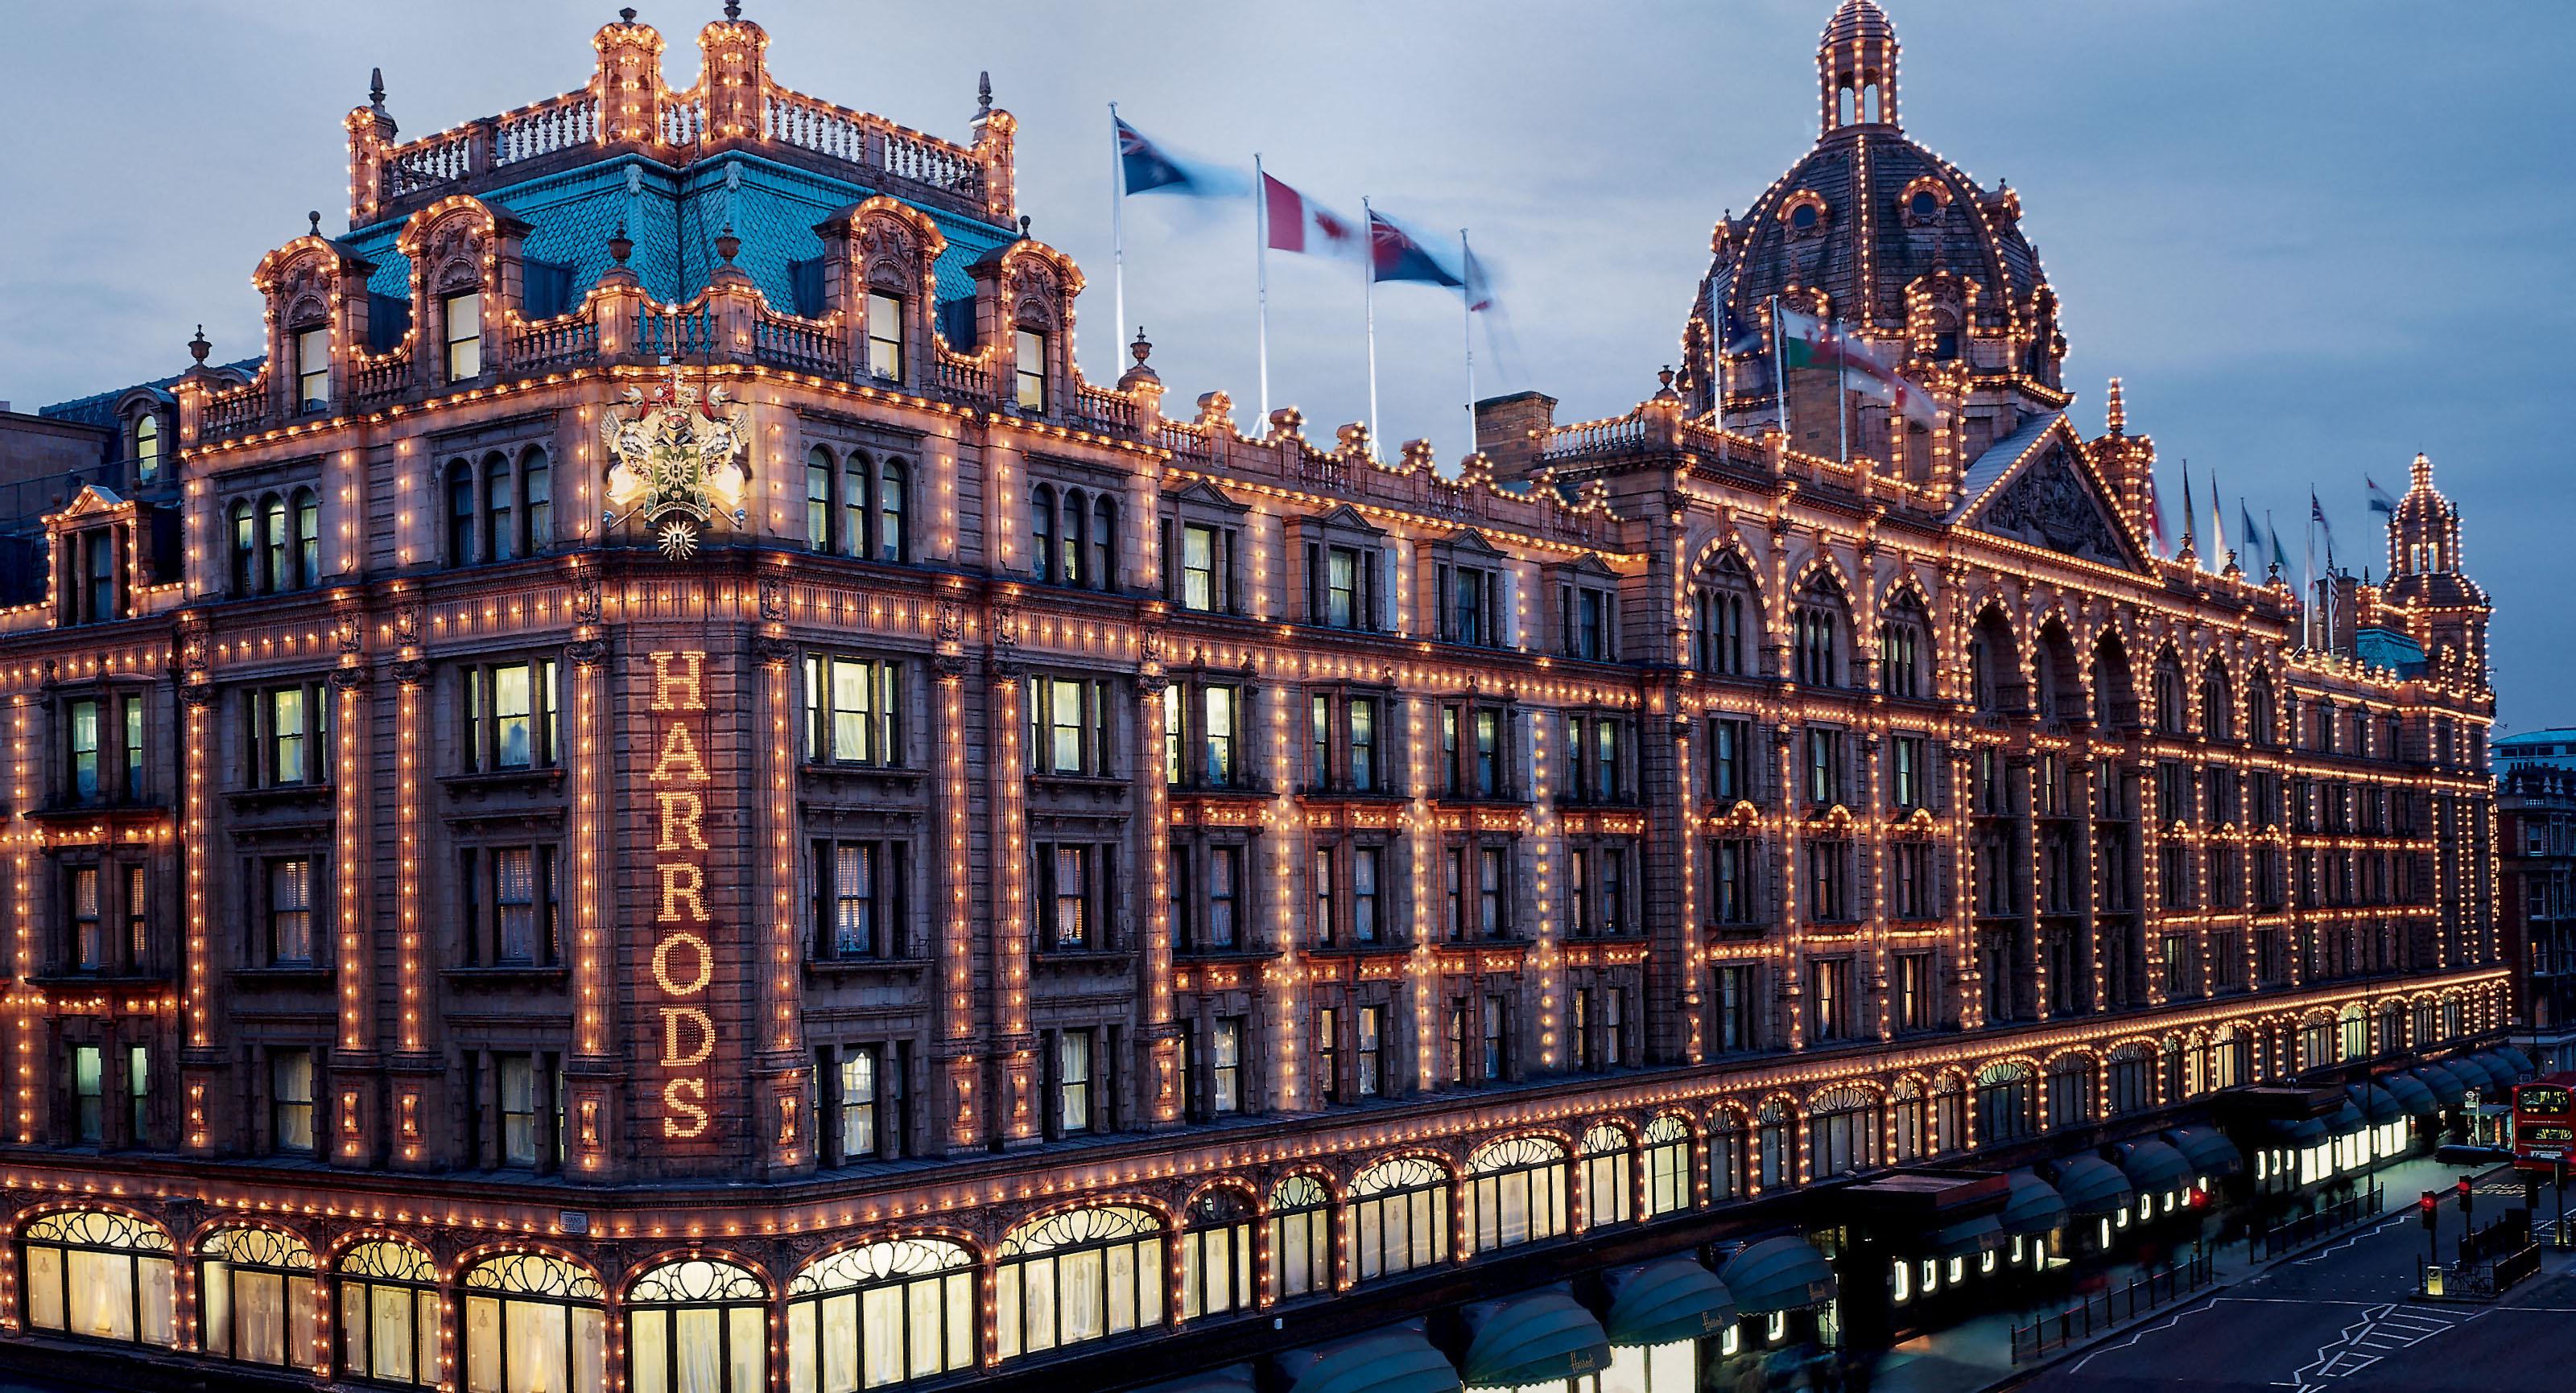 Знаменитый лондонский универмаг, полюбившийся Фрейду и принцессе Диане, перестрахован в СК «Евразия»